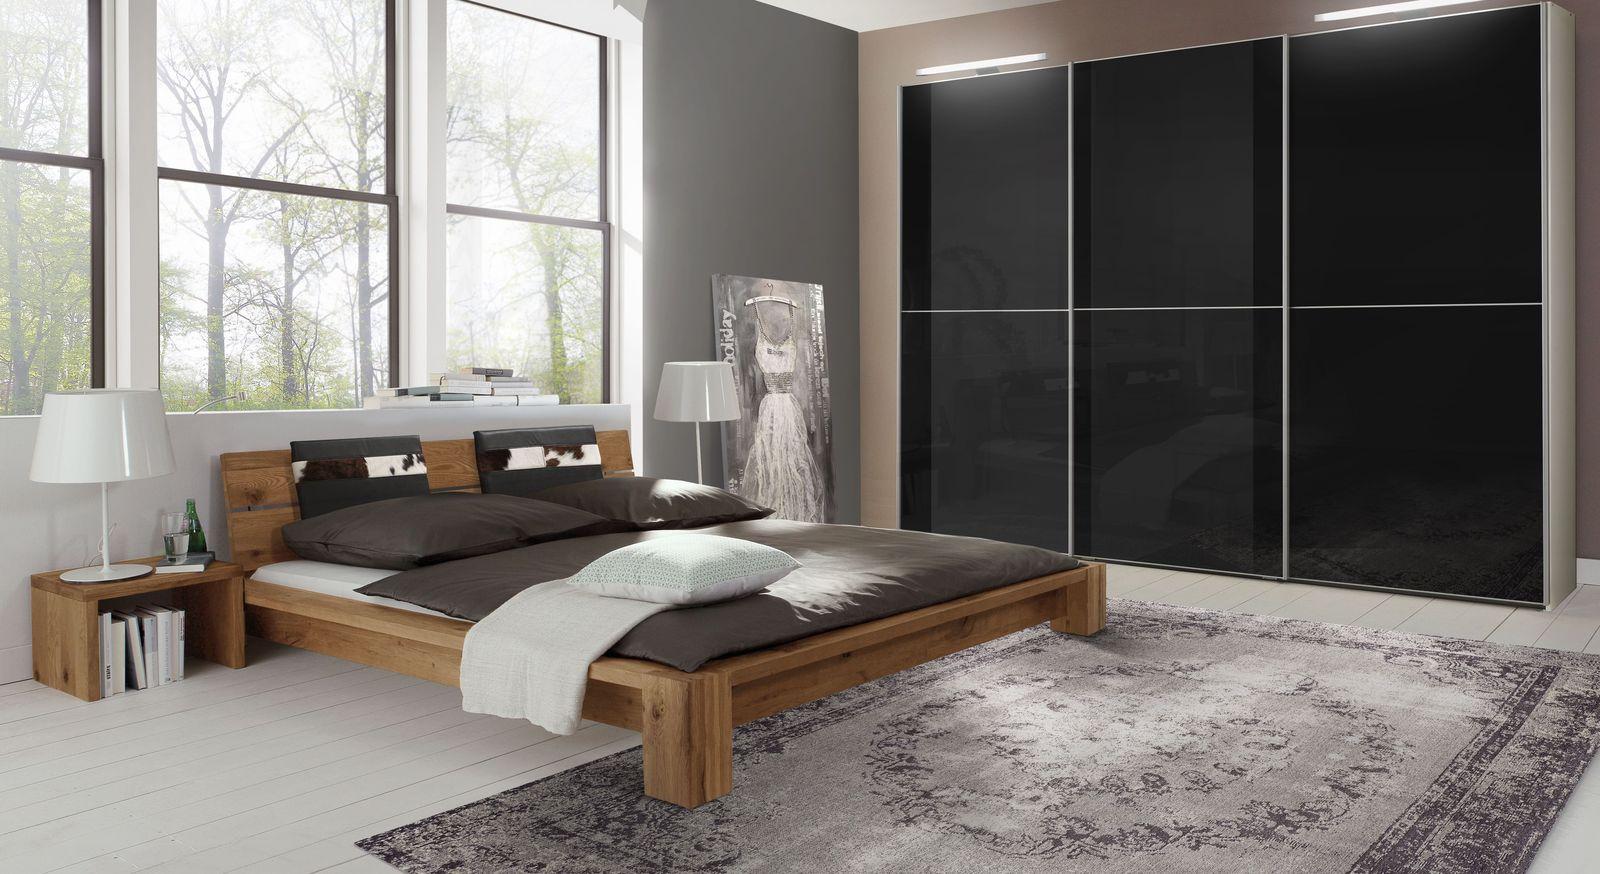 Bett Aragon mit passenden Accessoires fürs Schlafzimmer